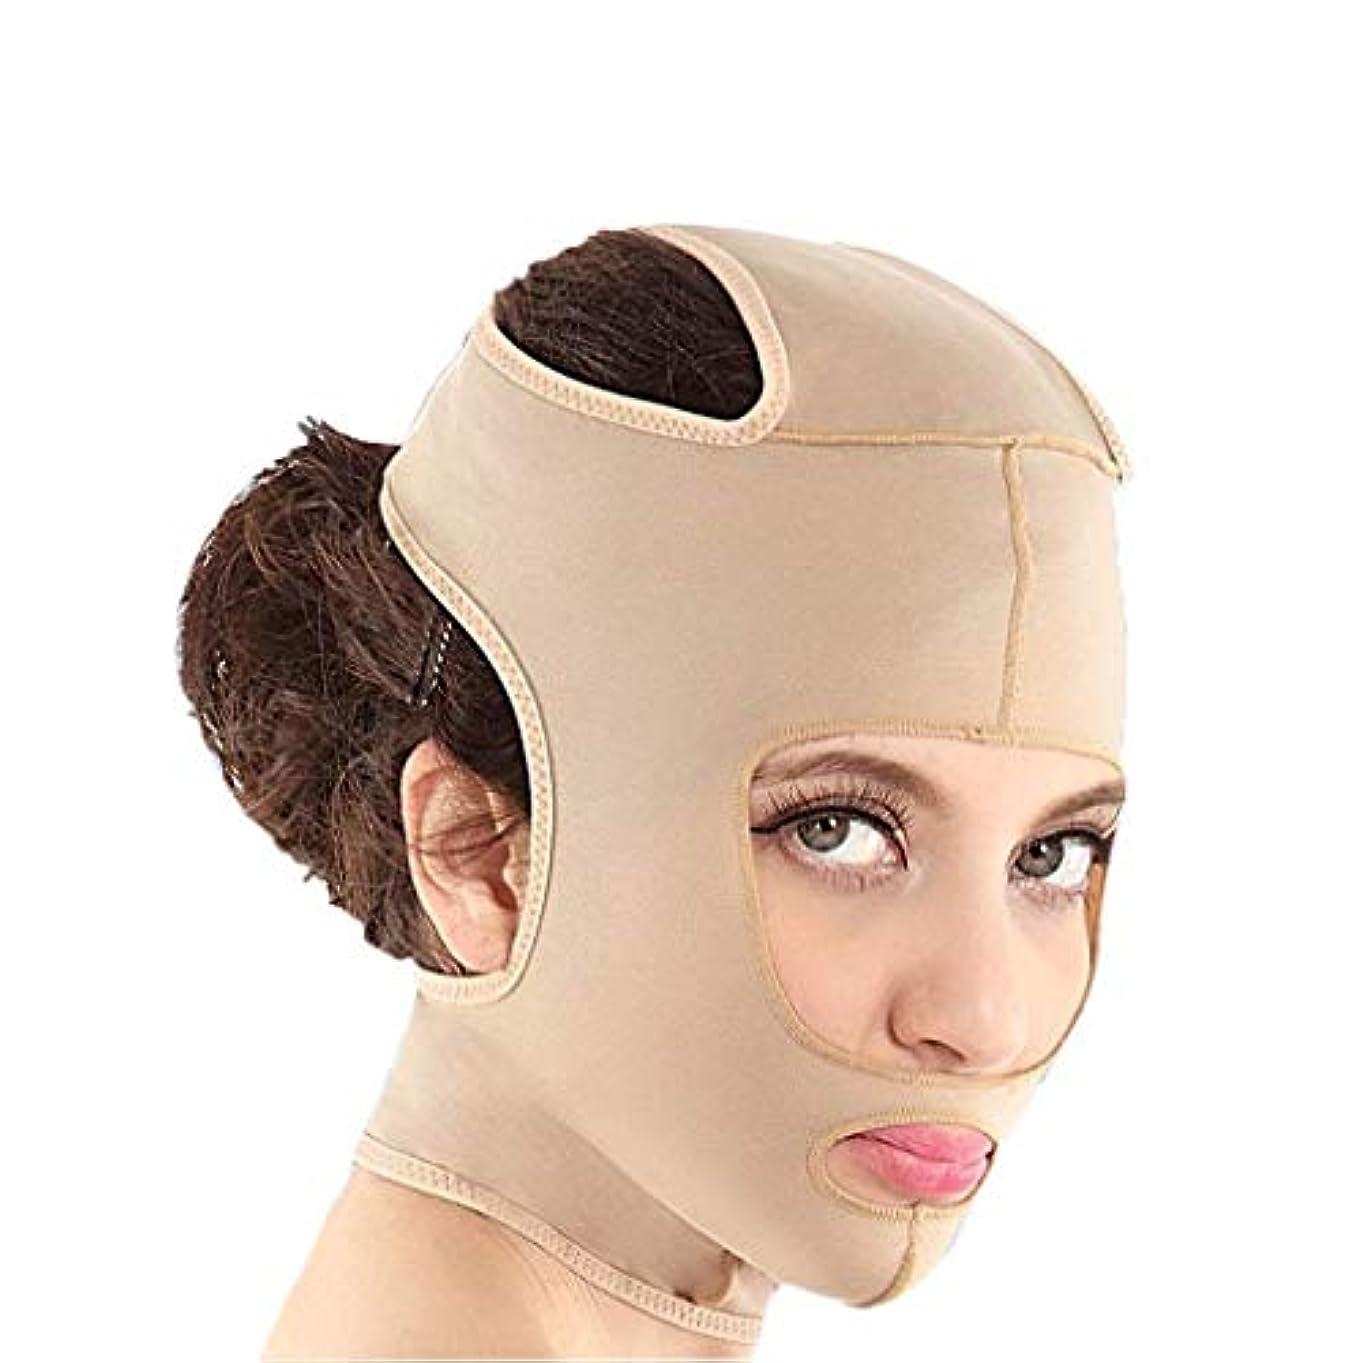 途方もない適度な用心深いフェイスリフティングマスク、リフティングスキンリンクルシンダブルチンシンフェイスバンデージオブスキンサギング(サイズ:Xl)